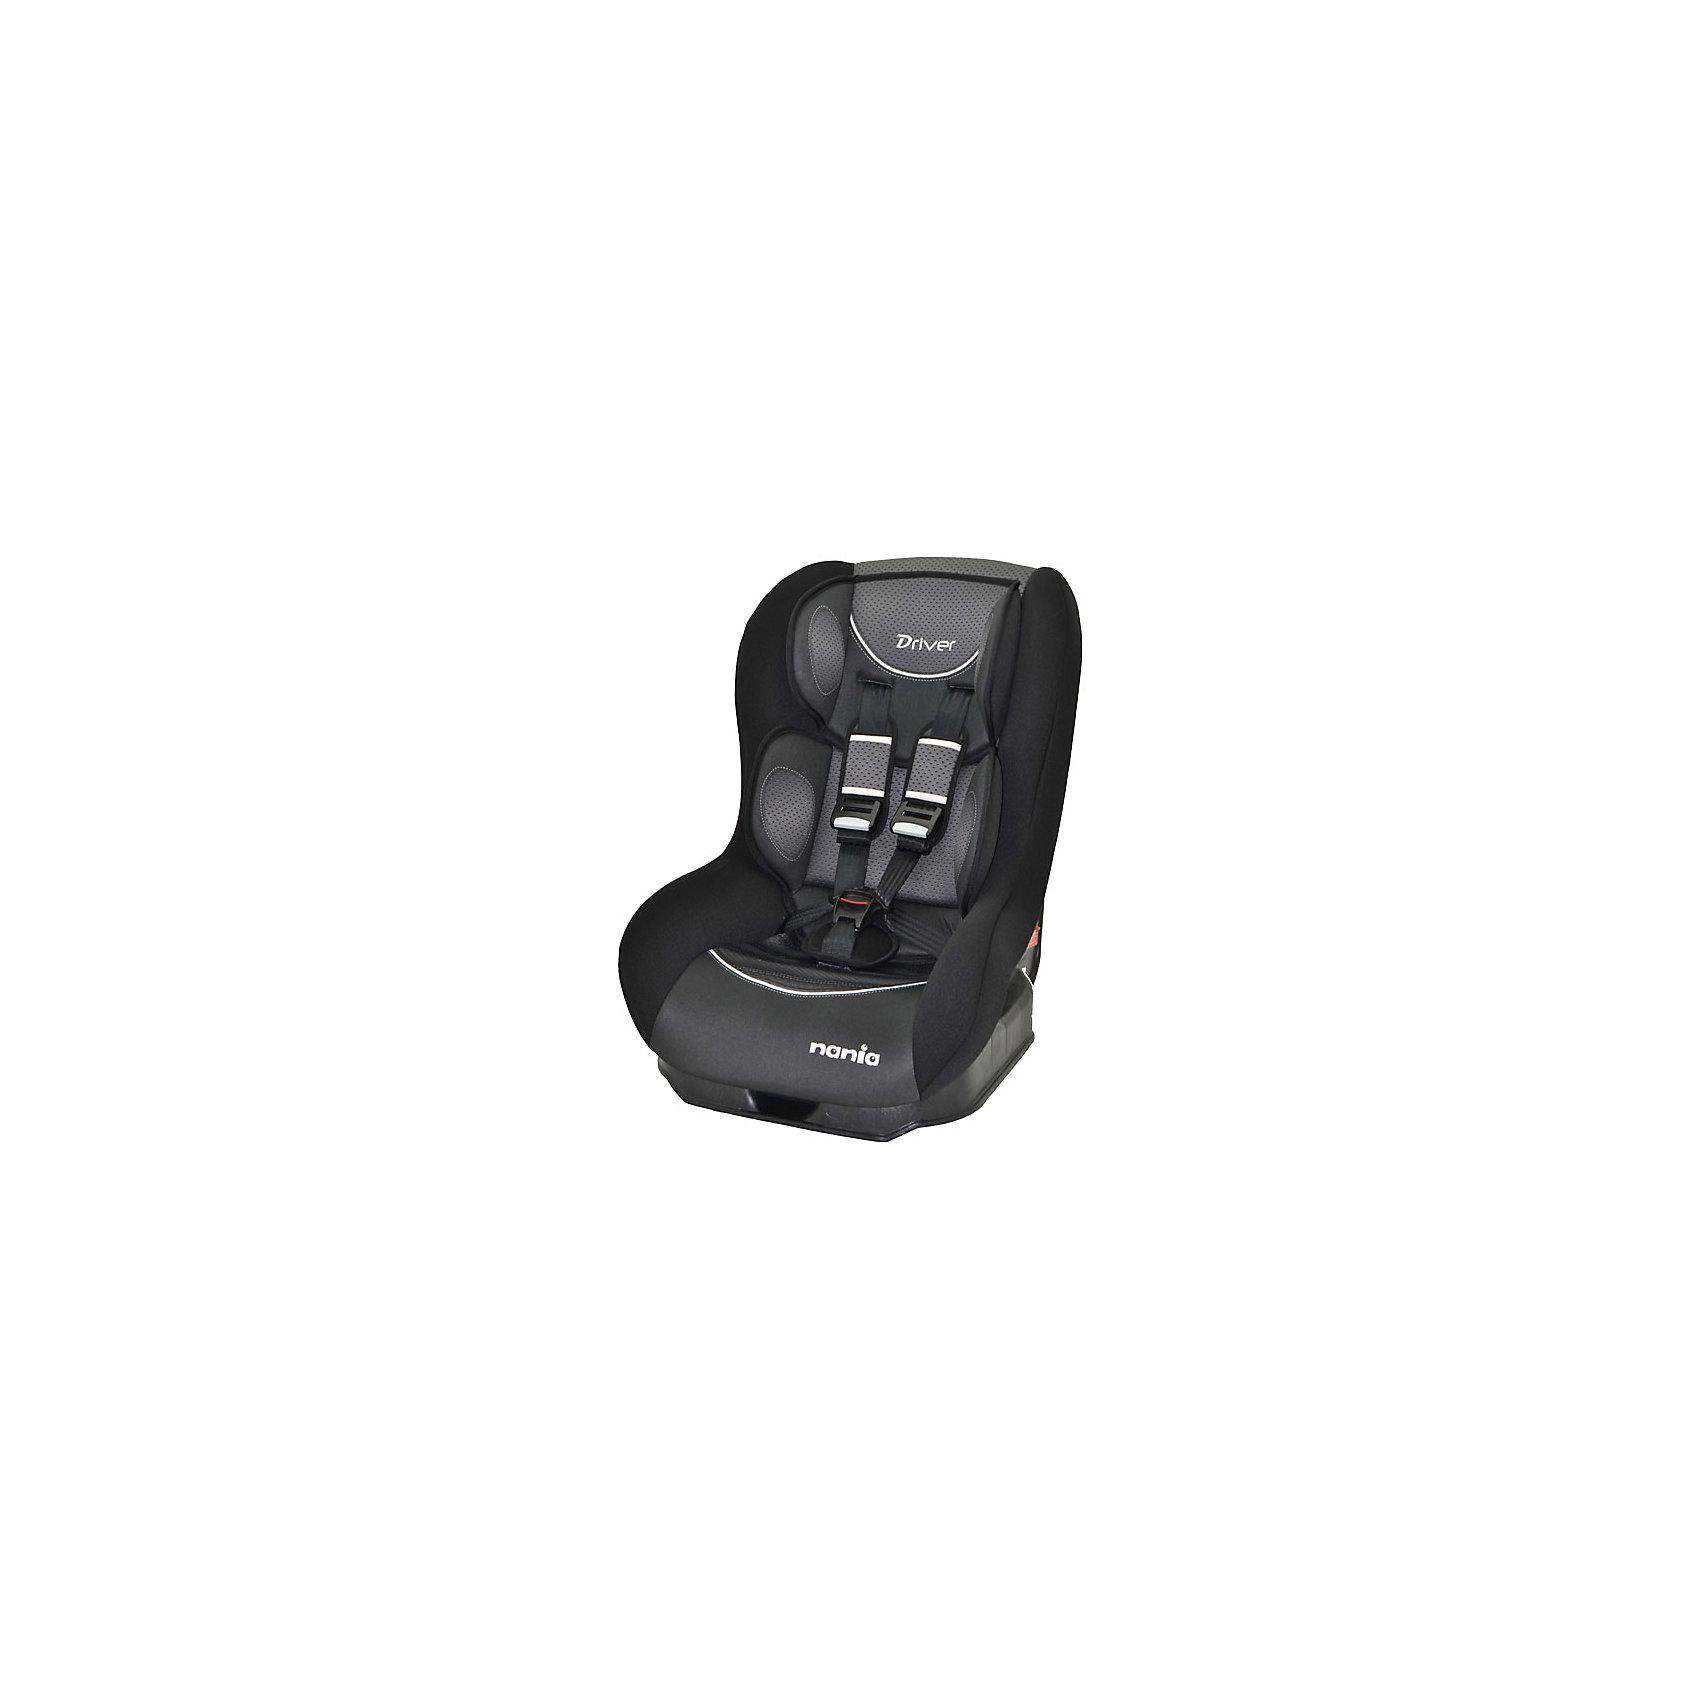 Автокресло Nania Driver FST 0-18 кг, graphic blackГруппа 0+, 1 (До 18 кг)<br>Автокресло Driver FST, Nania - комфортная надежная модель, которая сделает поездку Вашего ребенка приятной и безопасной. Серия FIRST - это базовая версия автокресла с простым дизайном и высоким европейским качеством. Сиденье кресла имеет удобную анатомическую форму, что обеспечивает комфорт во время длительных поездок. Для новорожденных предусмотрена специальная мягкая вкладка, которая фиксирует голову, шею и тело ребенка в правильном положении. Наклон спинки можно регулировать в 5 положениях. Кресло оснащено регулируемыми 5-точечными ремнями безопасности с 3-мя уровнями регулировки по высоте и мягкими плечевыми накладками. Каркас из ударопрочного полипропилена, усиленные боковины и дополнительная прослойка из полистирола, поглощающая удары, уберегут ребёнка от серьезных травм. <br><br>Автокресло легко и надежно фиксируется при помощи штатных ремней безопасности. Для малышей весом до 10 кг. автокресло устанавливается на заднем сиденье лицом против движения авто, при весе ребенка от 10 до 18 кг. кресло устанавливается лицом по ходу движения автомобиля. Кресло изготовлено из высококачественных материалов, тканевую обивку можно снимать и стирать вручную при комнатной температуре. Соответствует Европейскому стандарту безопасности ЕСЕ R44/04. Рассчитано на детей от 0 до 3-4 лет, весом 0-18 кг.<br><br>  Дополнительная информация:<br><br>- Цвет: graphic black (черный/серый).<br>- Материал: 100% полиэстер, пластик.<br>- Серия: 0/1 (0-18) кг.<br>- Внешние размеры: 52 х 46 х 60 см.<br>- Вес: 5,7 кг.<br><br>Автокресло Driver FST, 0-18 кг., Nania, graphic black, можно купить в нашем интернет-магазине.<br><br>Ширина мм: 460<br>Глубина мм: 520<br>Высота мм: 600<br>Вес г: 12490<br>Возраст от месяцев: 0<br>Возраст до месяцев: 36<br>Пол: Унисекс<br>Возраст: Детский<br>SKU: 4405890